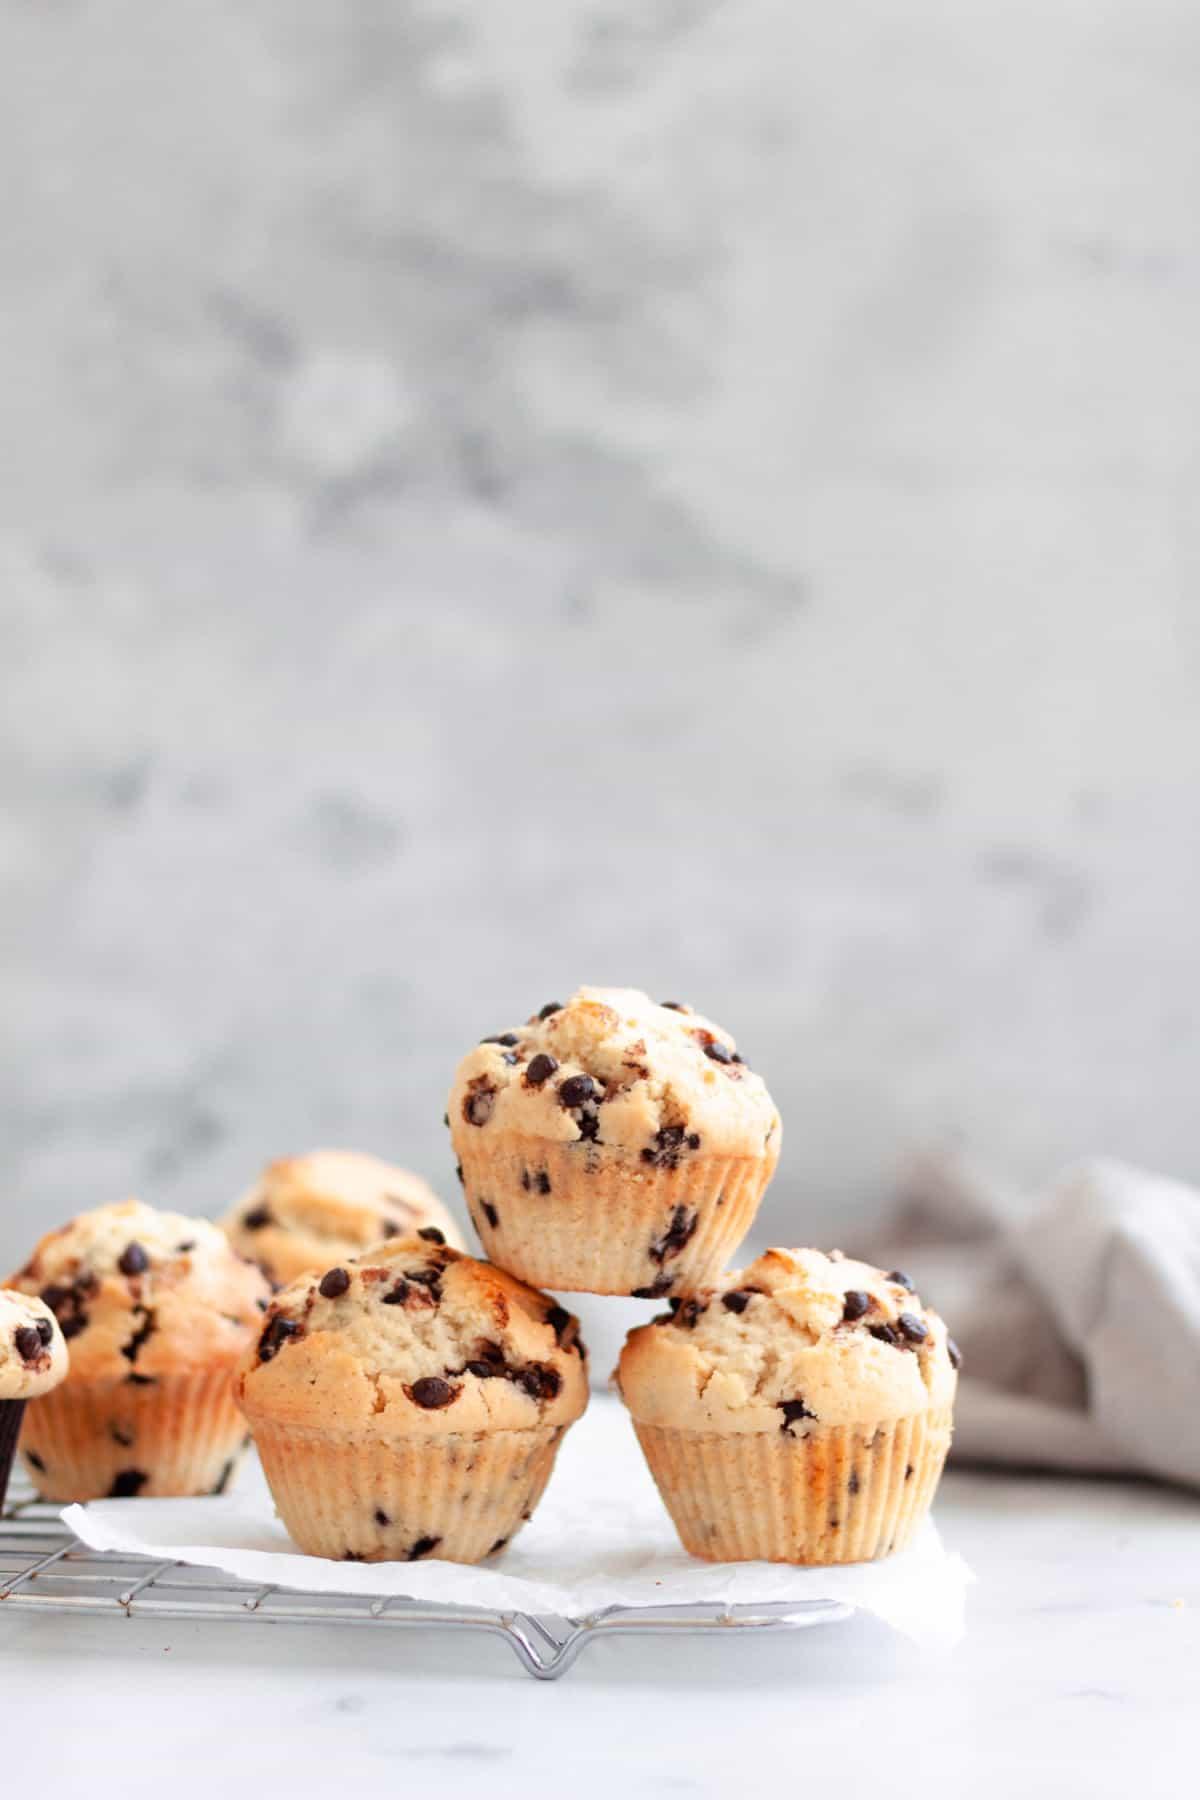 three stacked Vegan Chocolate Chip Muffins